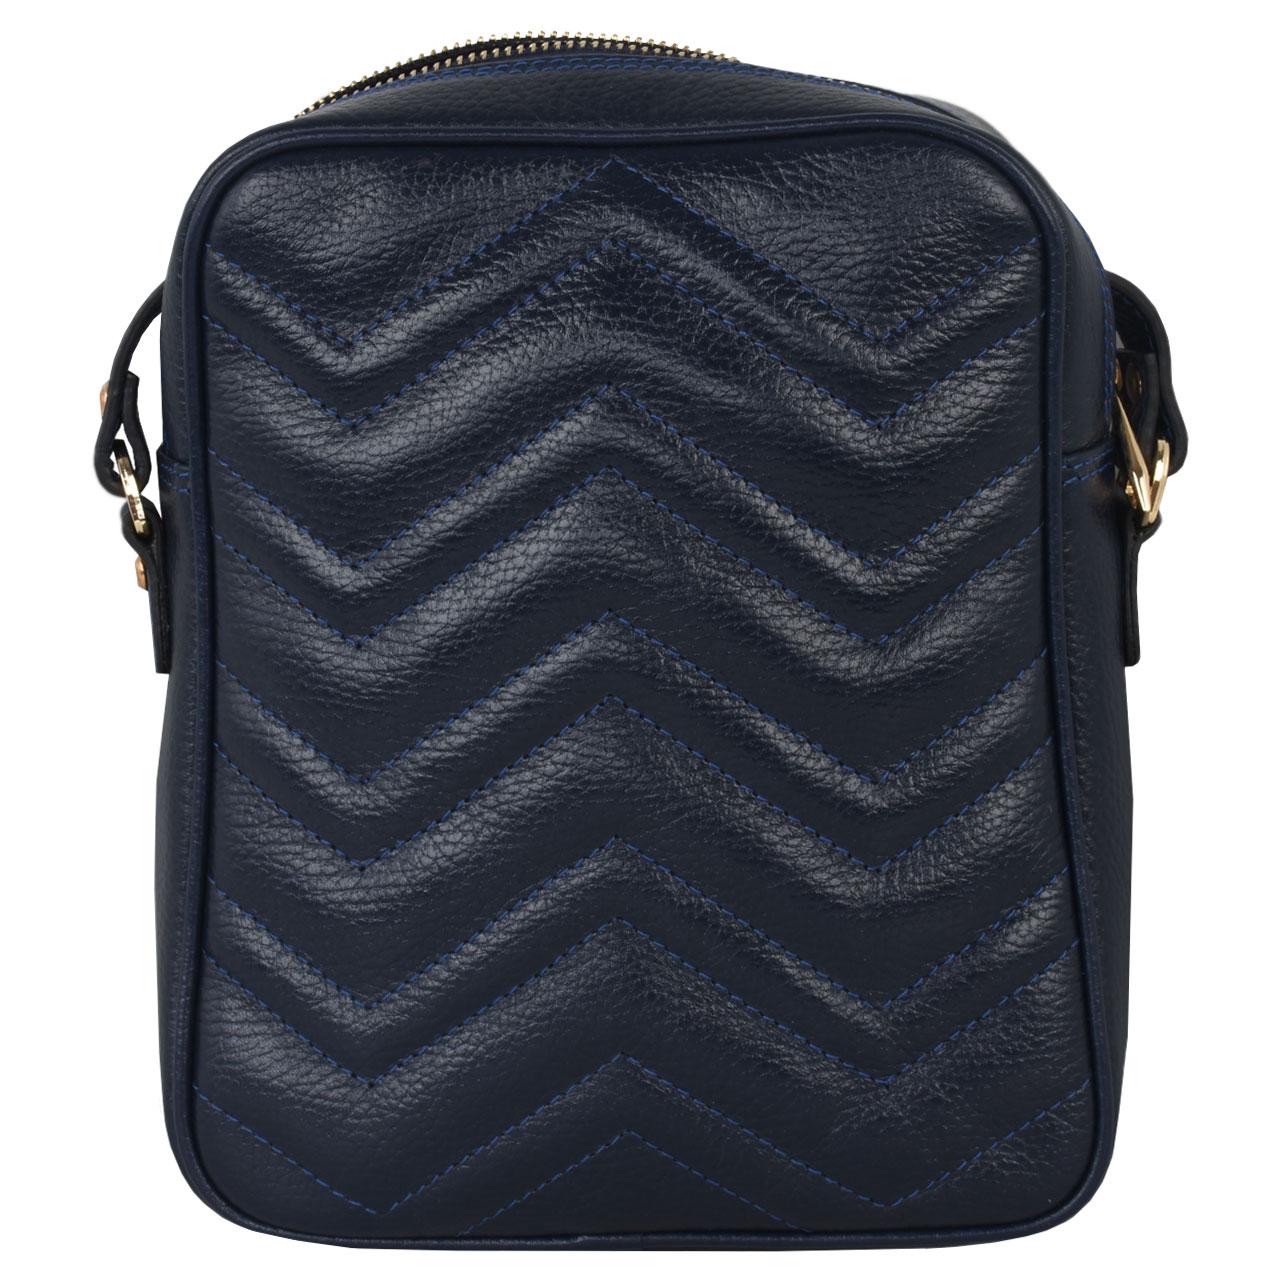 کیف دوشی زنانه کهن چرم کد v184-11